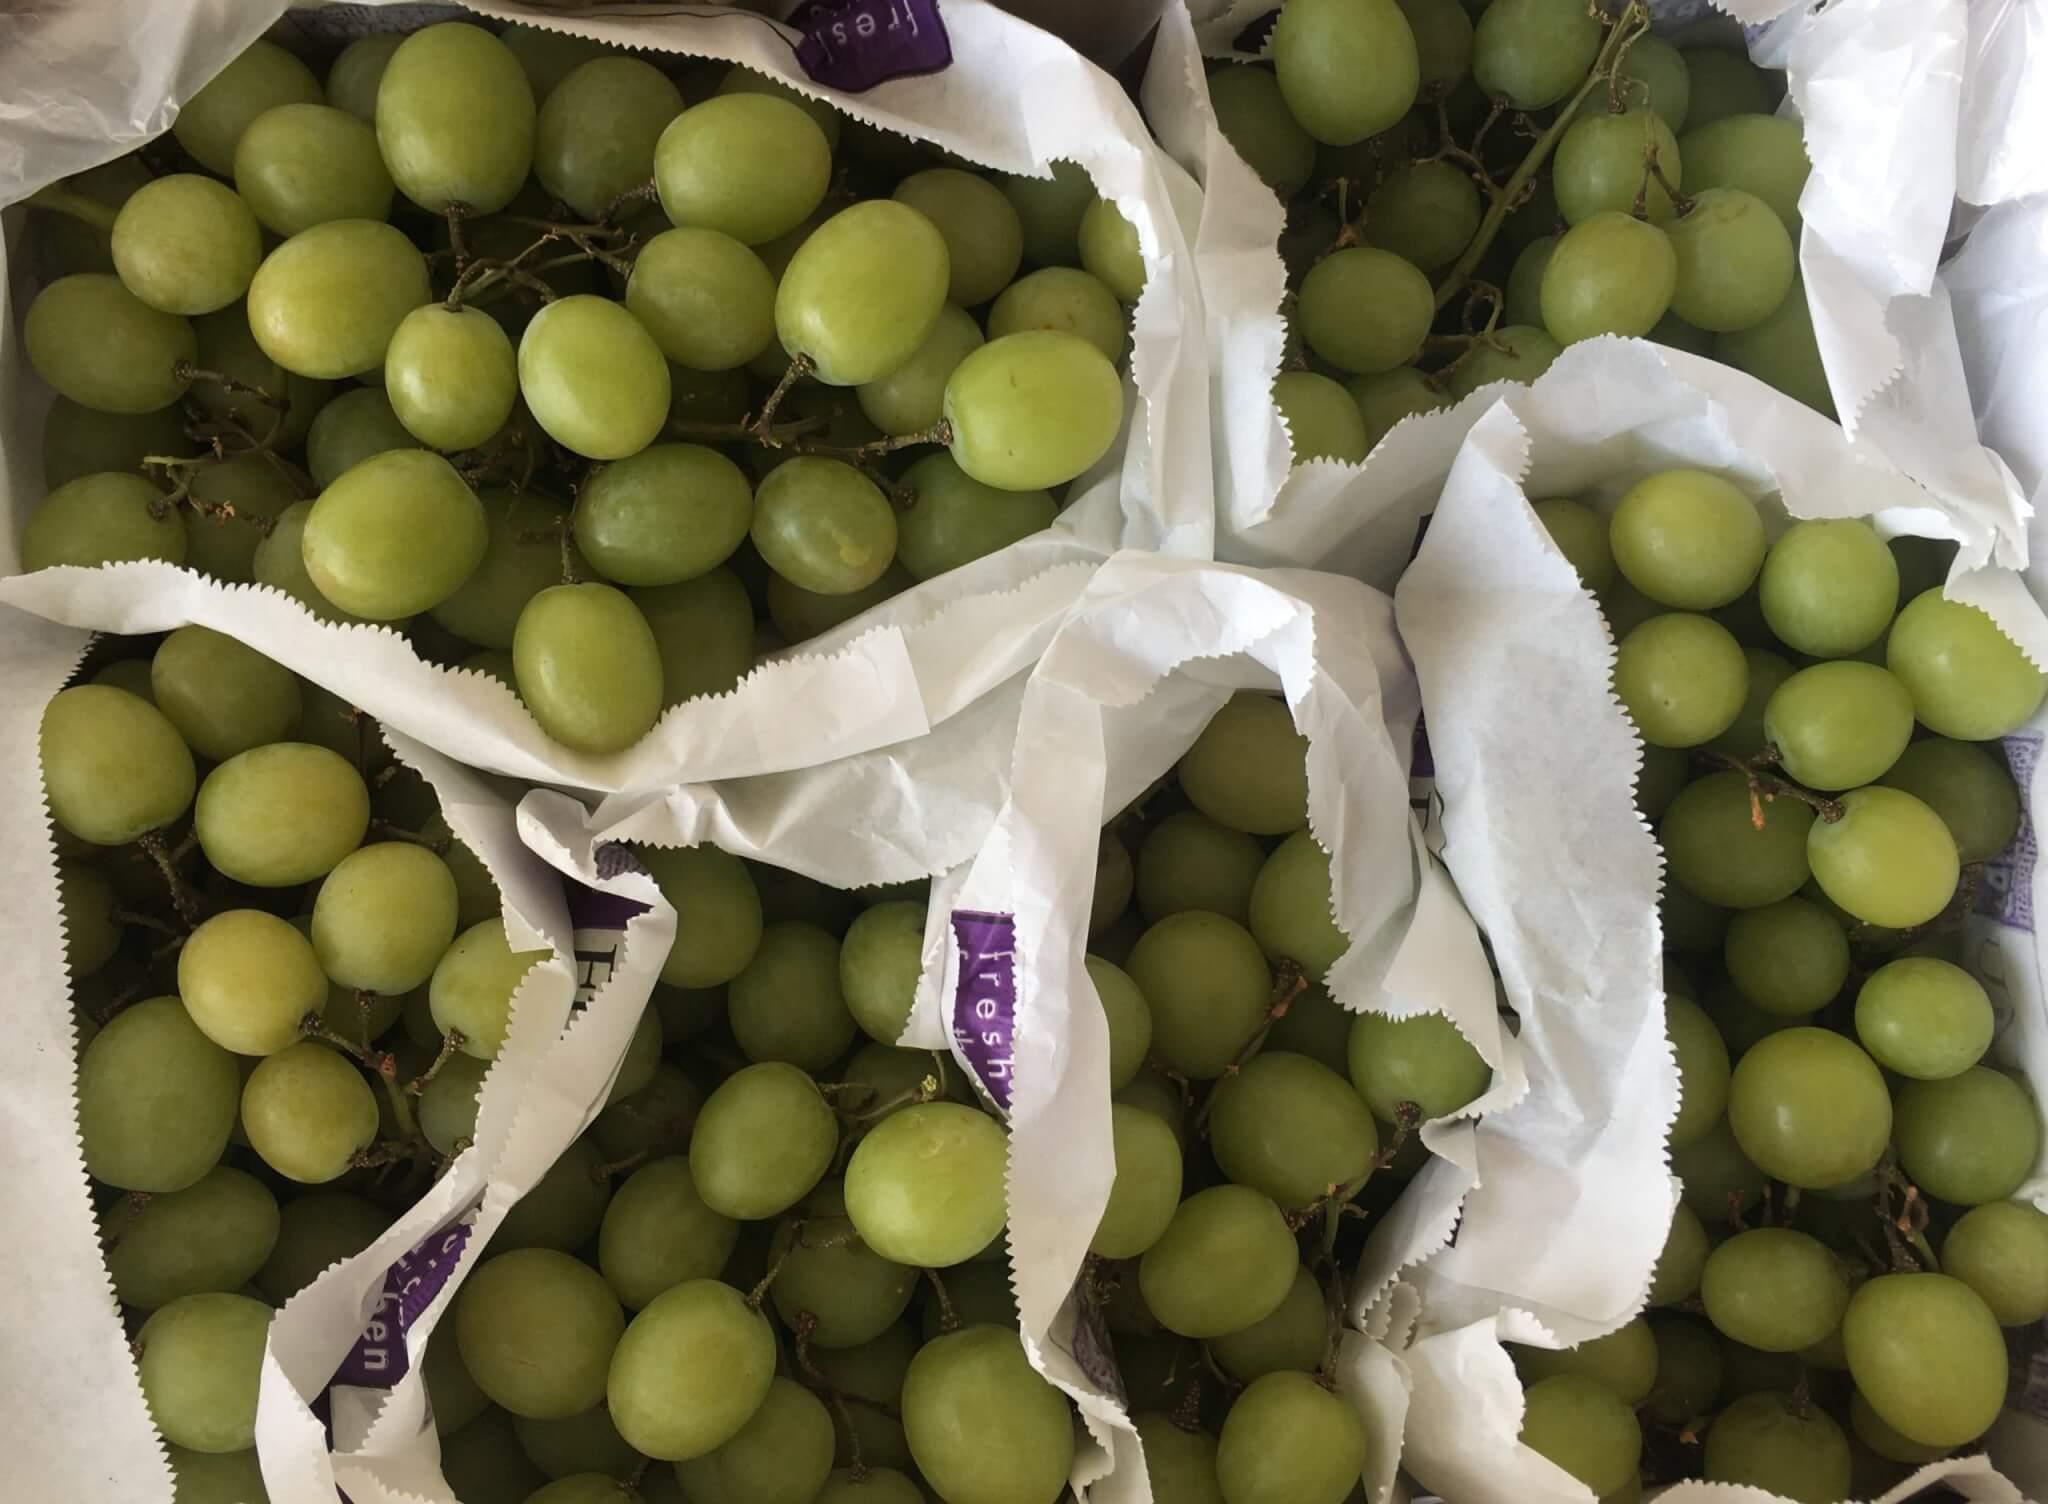 Fruitbedrijf Van den Berge: witte druiven